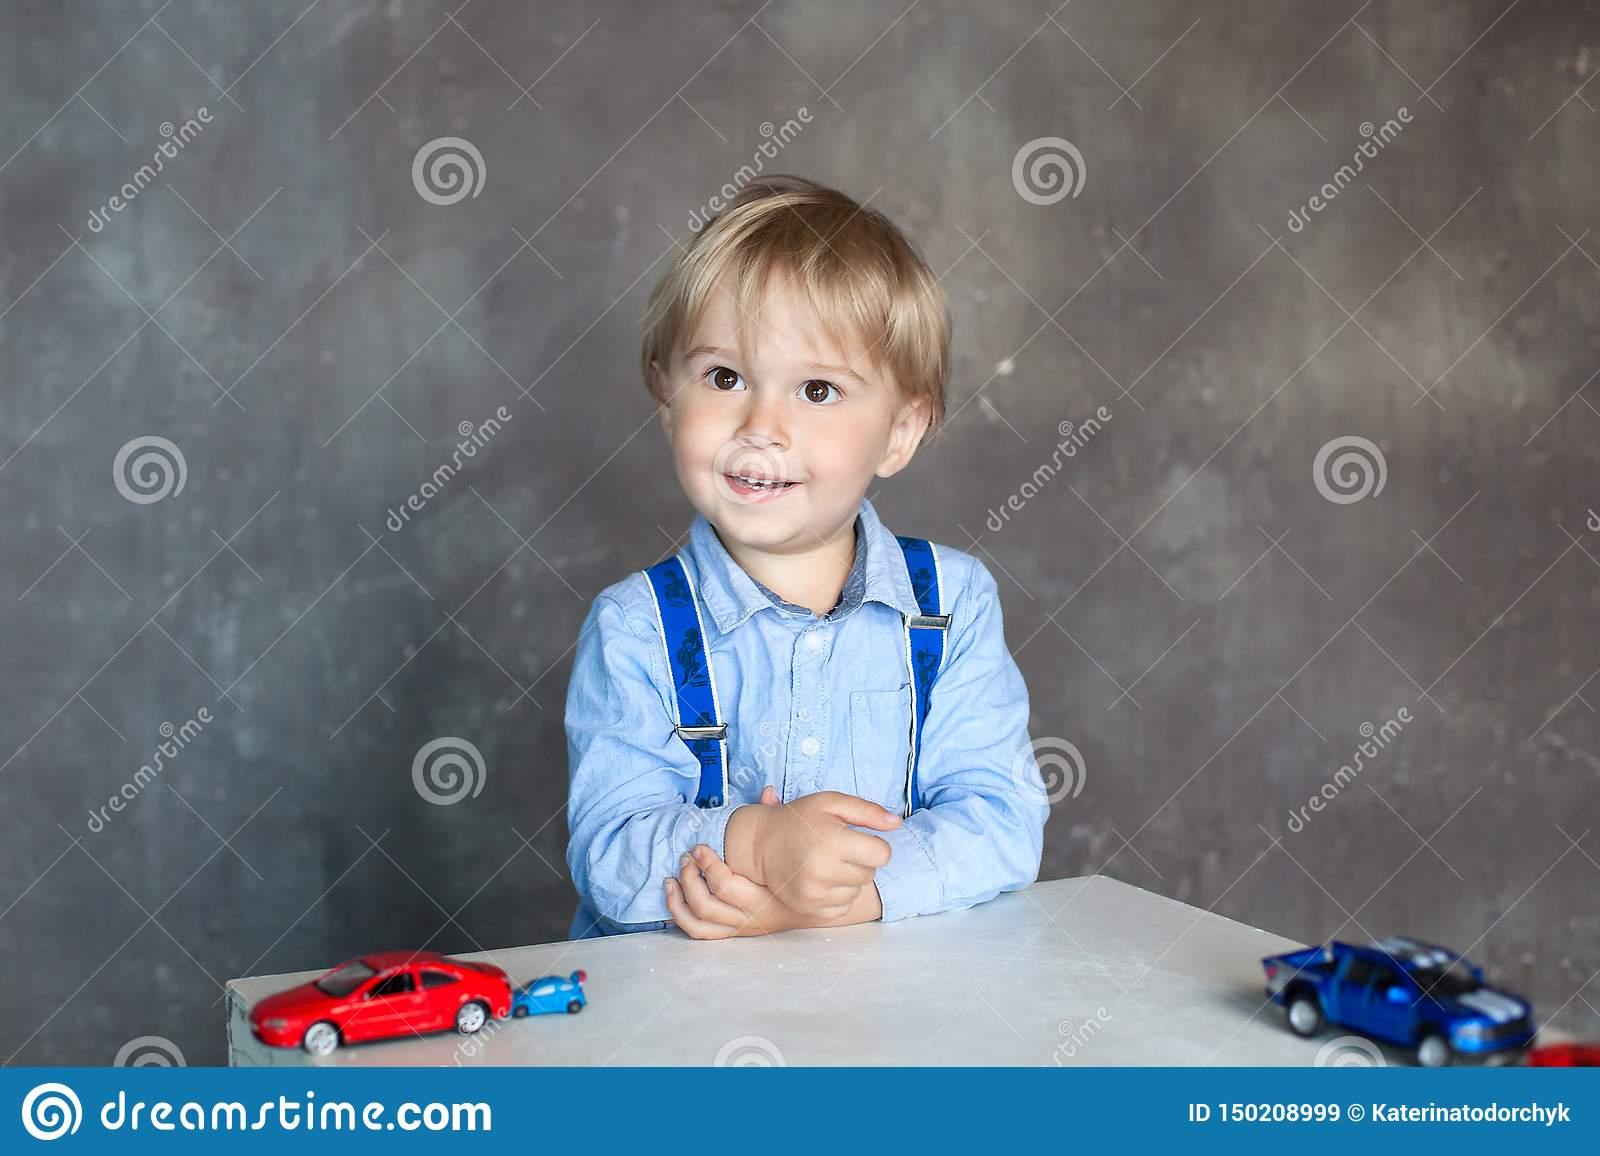 Portrait D'un Petit Garçon Mignon Jouant Avec Des Voitures intérieur Les Jeux De Petit Garcon